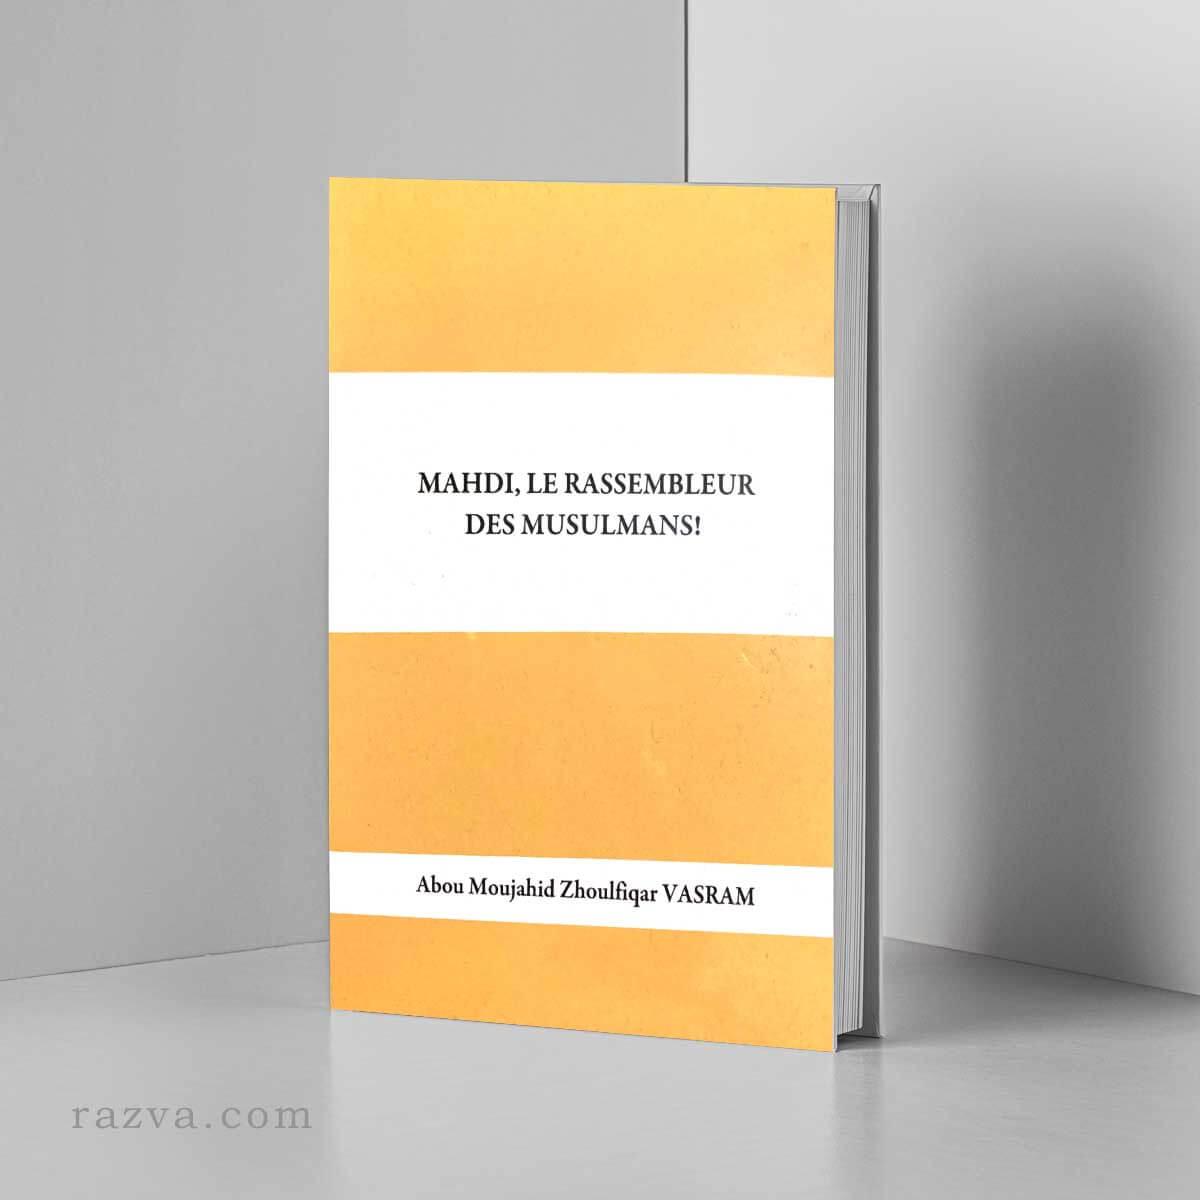 Mahdi le Rassembleur des musulmans | Livre chiite français